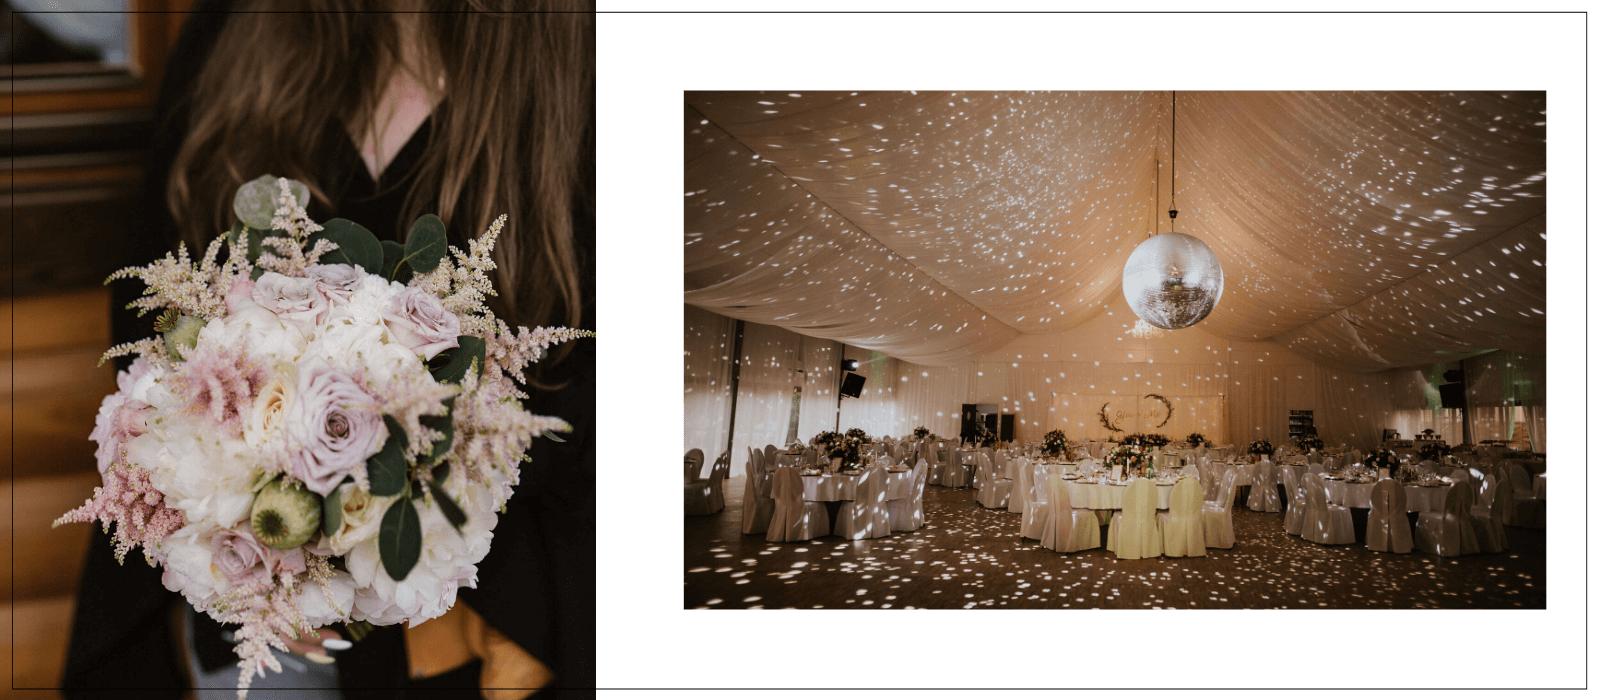 pomysł na ślubne dekoracje Natalia Czop inLove / Design Your Wedding